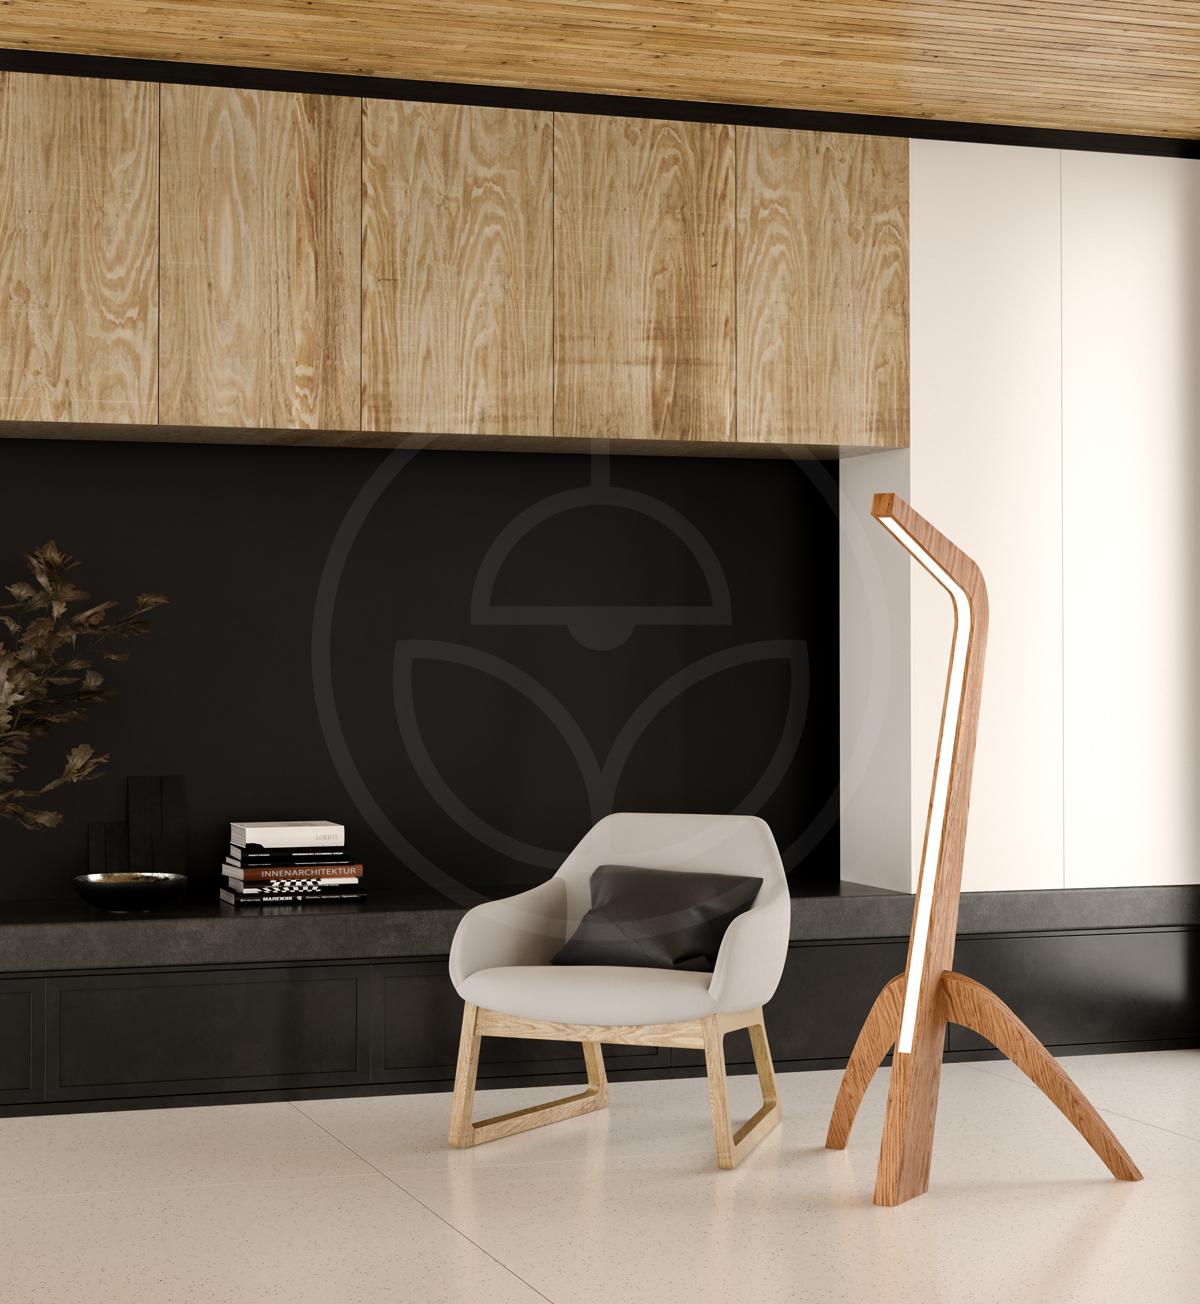 woodLED_SLEDGE-floor-led-wooden-lamp